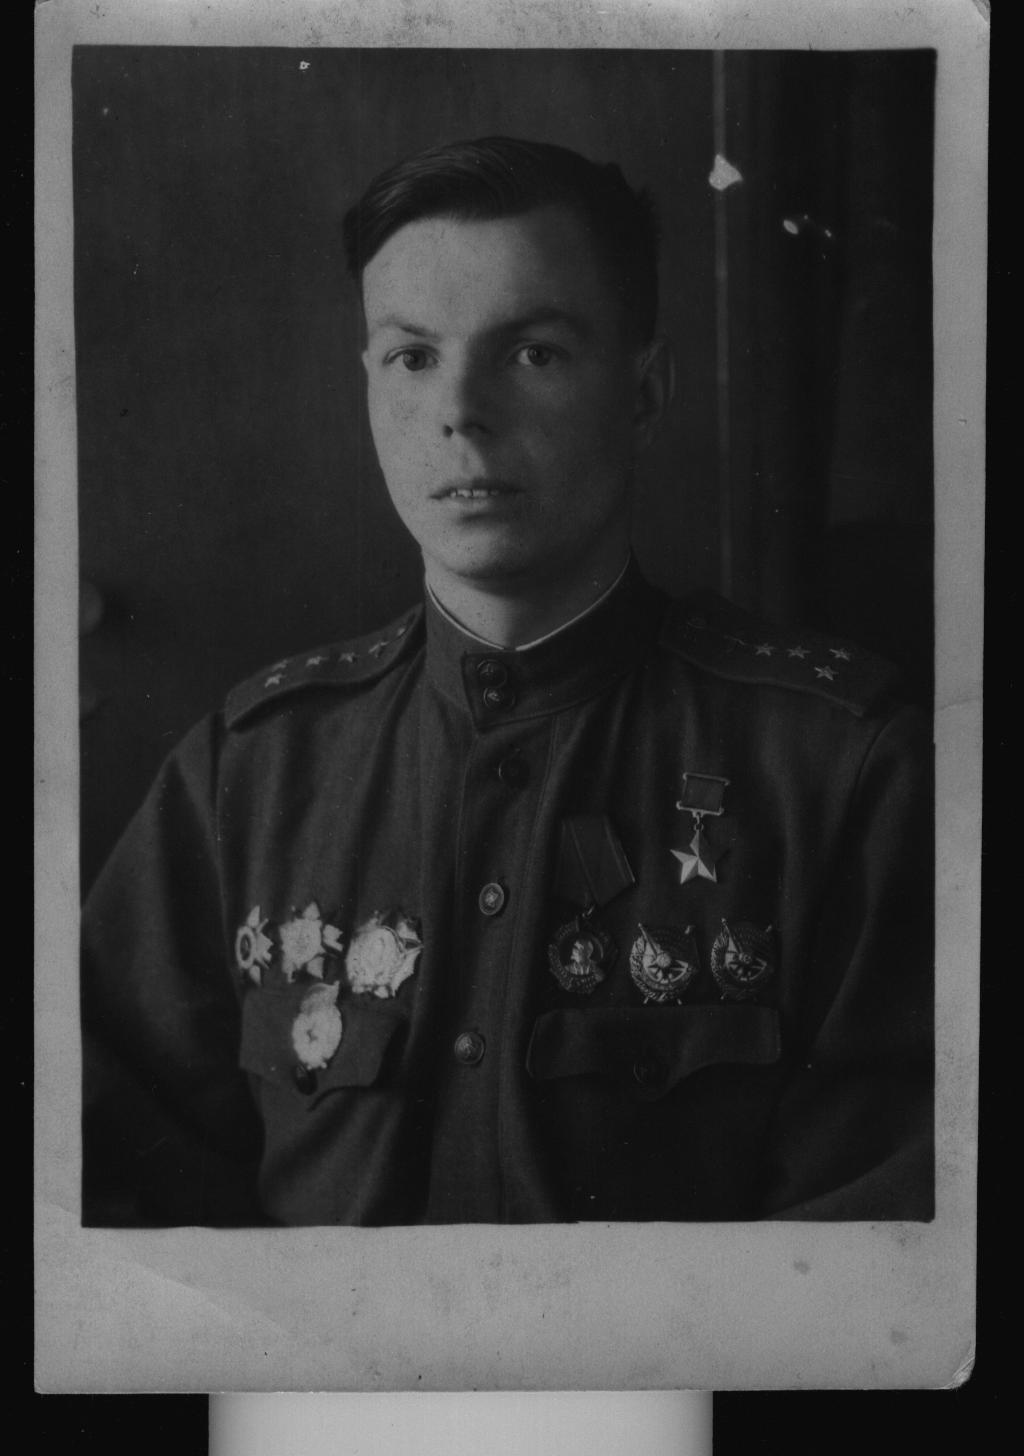 Фотография: Герой Советского Союза Столяров Н. Г. ©Tatfrontu.ru Photo Archive